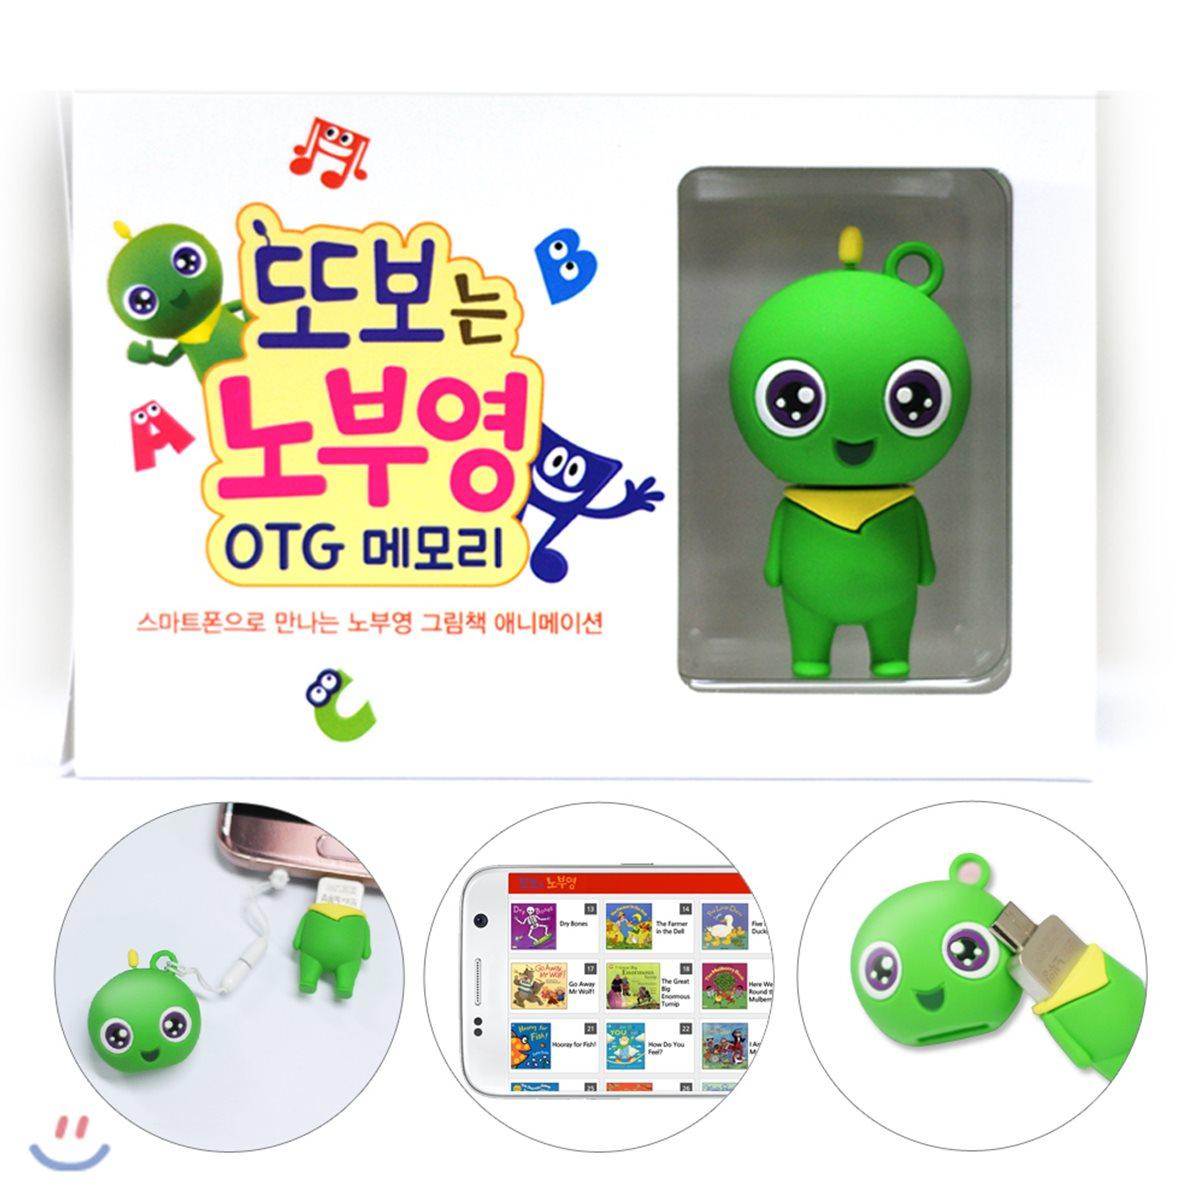 또보는 노부영 OTG 메모리 (노부영 52권 동영상 수록 / 안드로이드 스마트폰 연동)